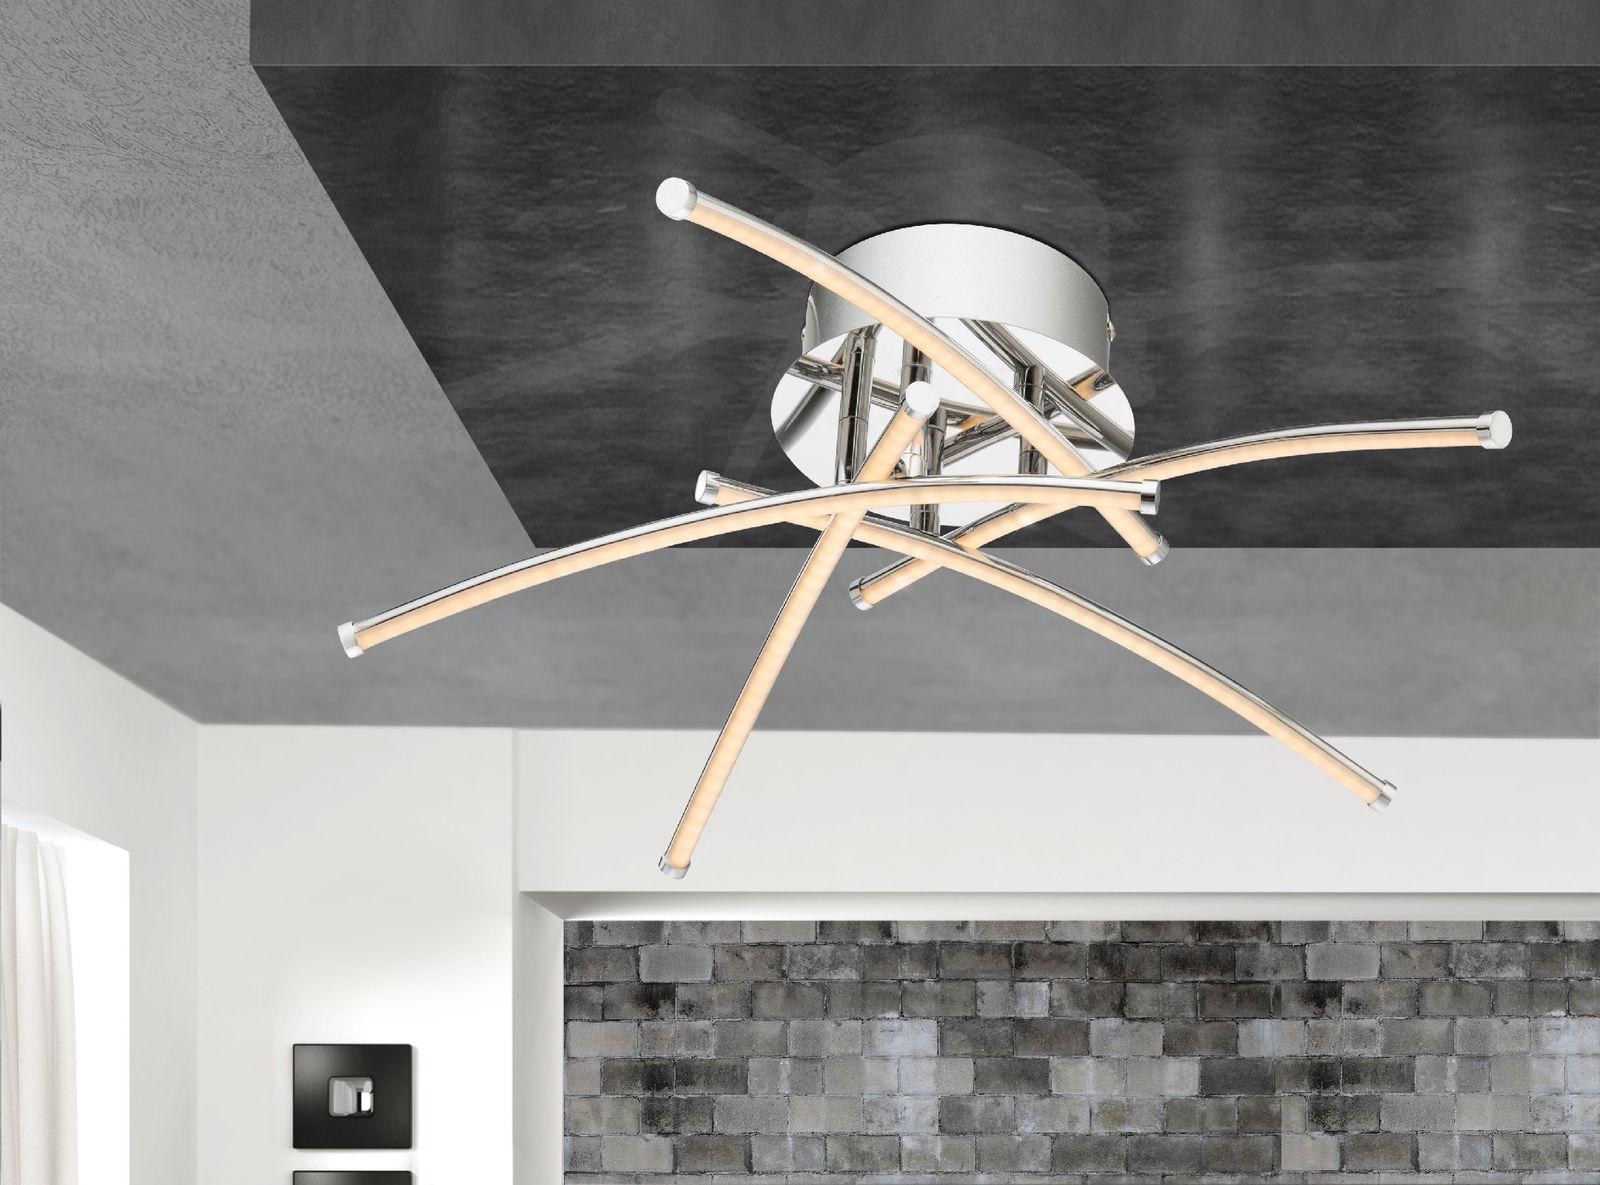 Plafoniera Globo Lighting : Keluce shop vendita online lampade lampadari ed illuminazione